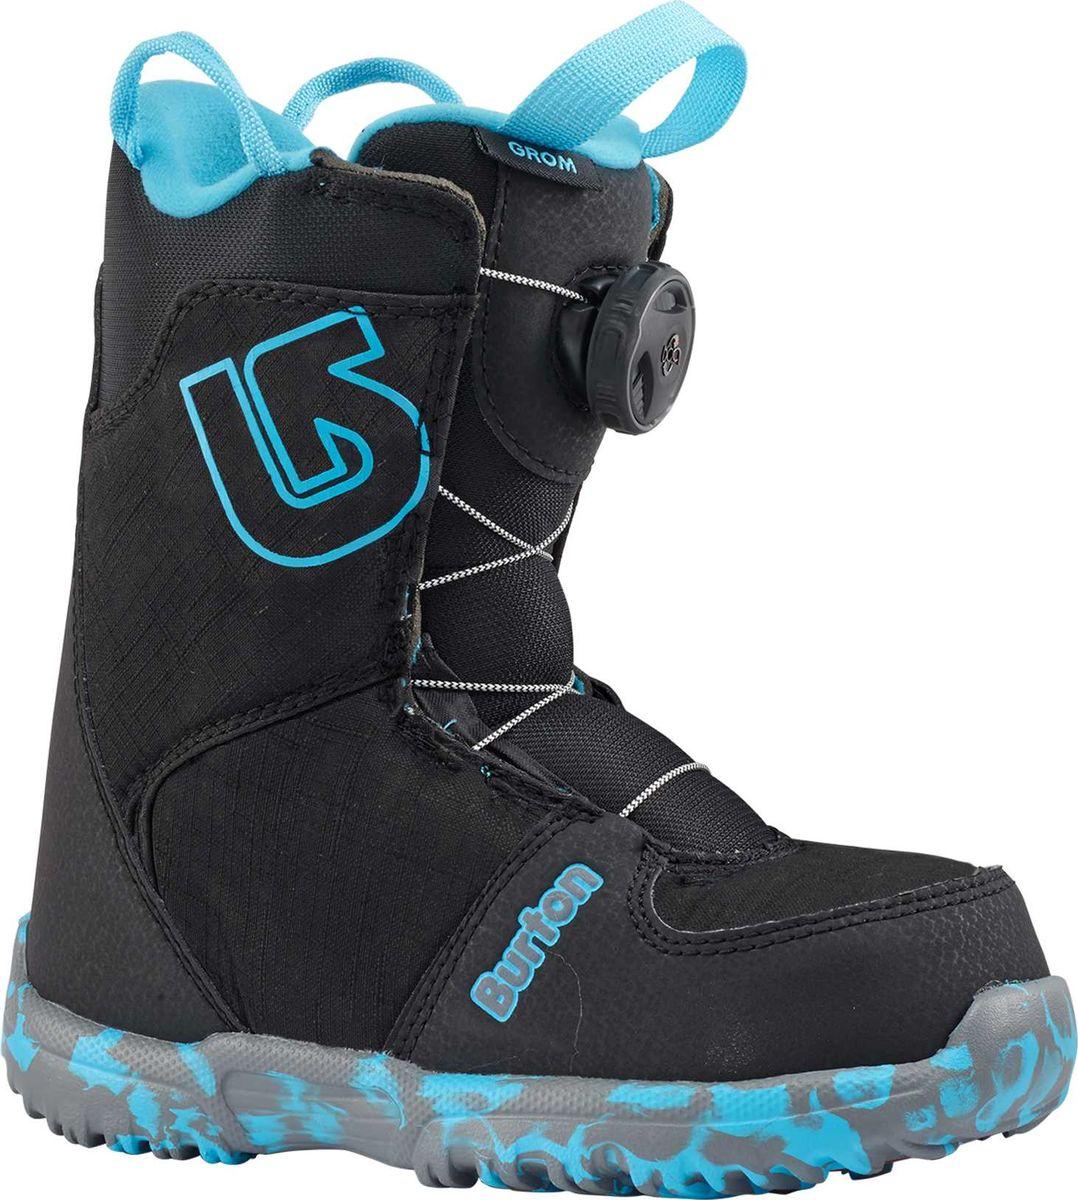 Ботинки для сноуборда Burton Grom Boa, цвет: черный. Длина стельки 21 см15089101001Сноубордические ботинки для подрастающих райдеров,которые уже готовы отказаться от липучки в пользу системы шнуровки BOA.